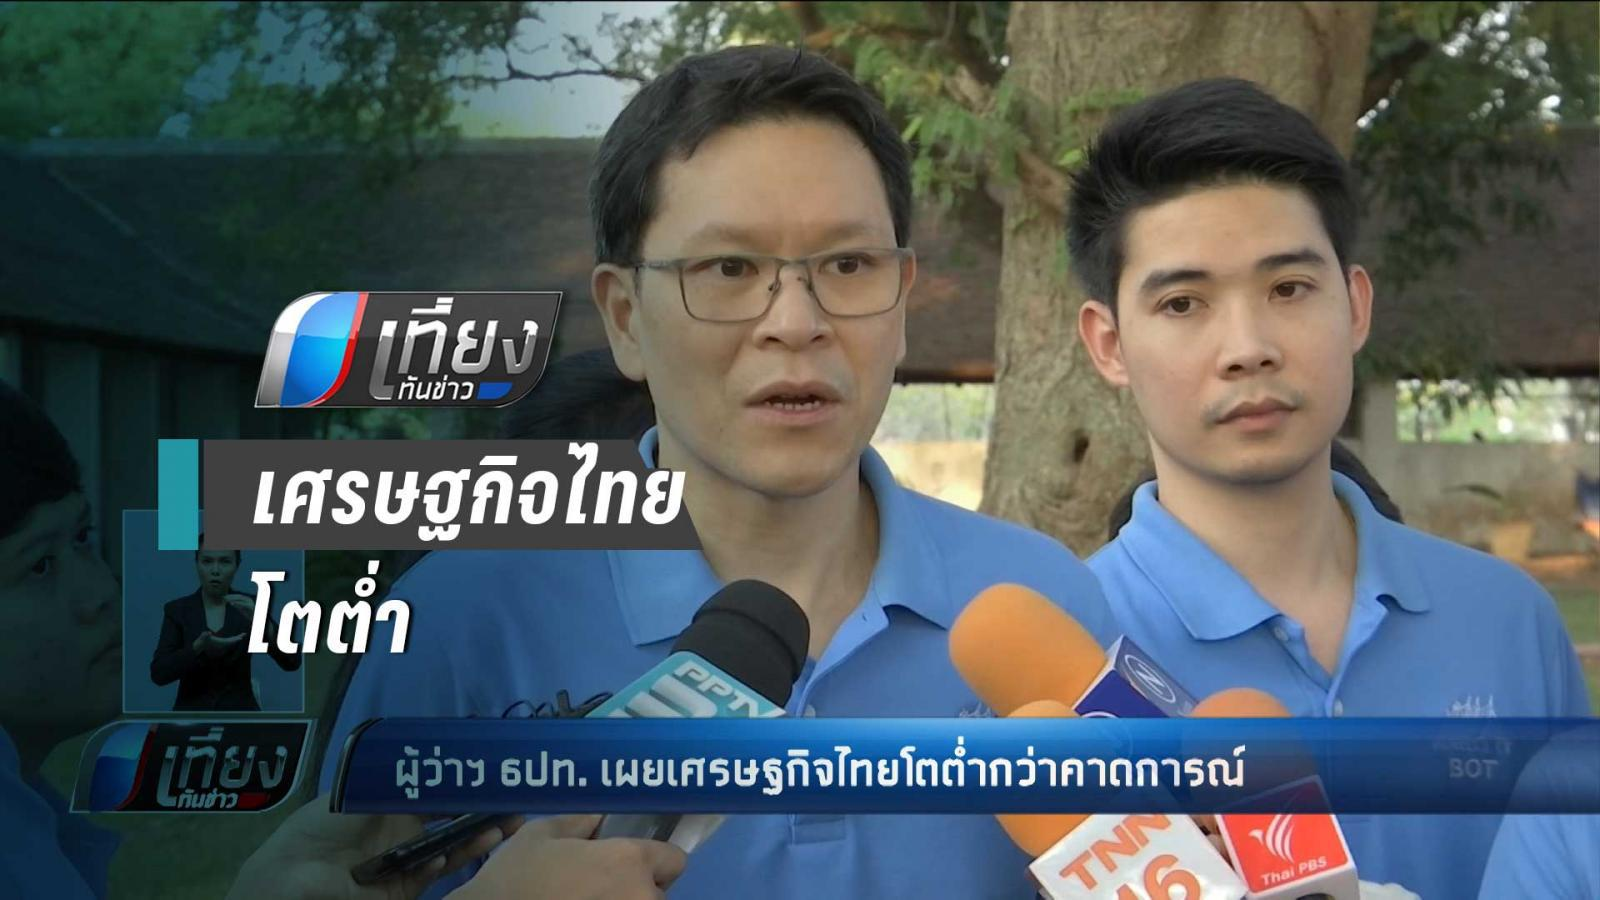 ผู้ว่าฯ ธปท. เผยเศรษฐกิจไทยโตต่ำกว่าคาดการณ์